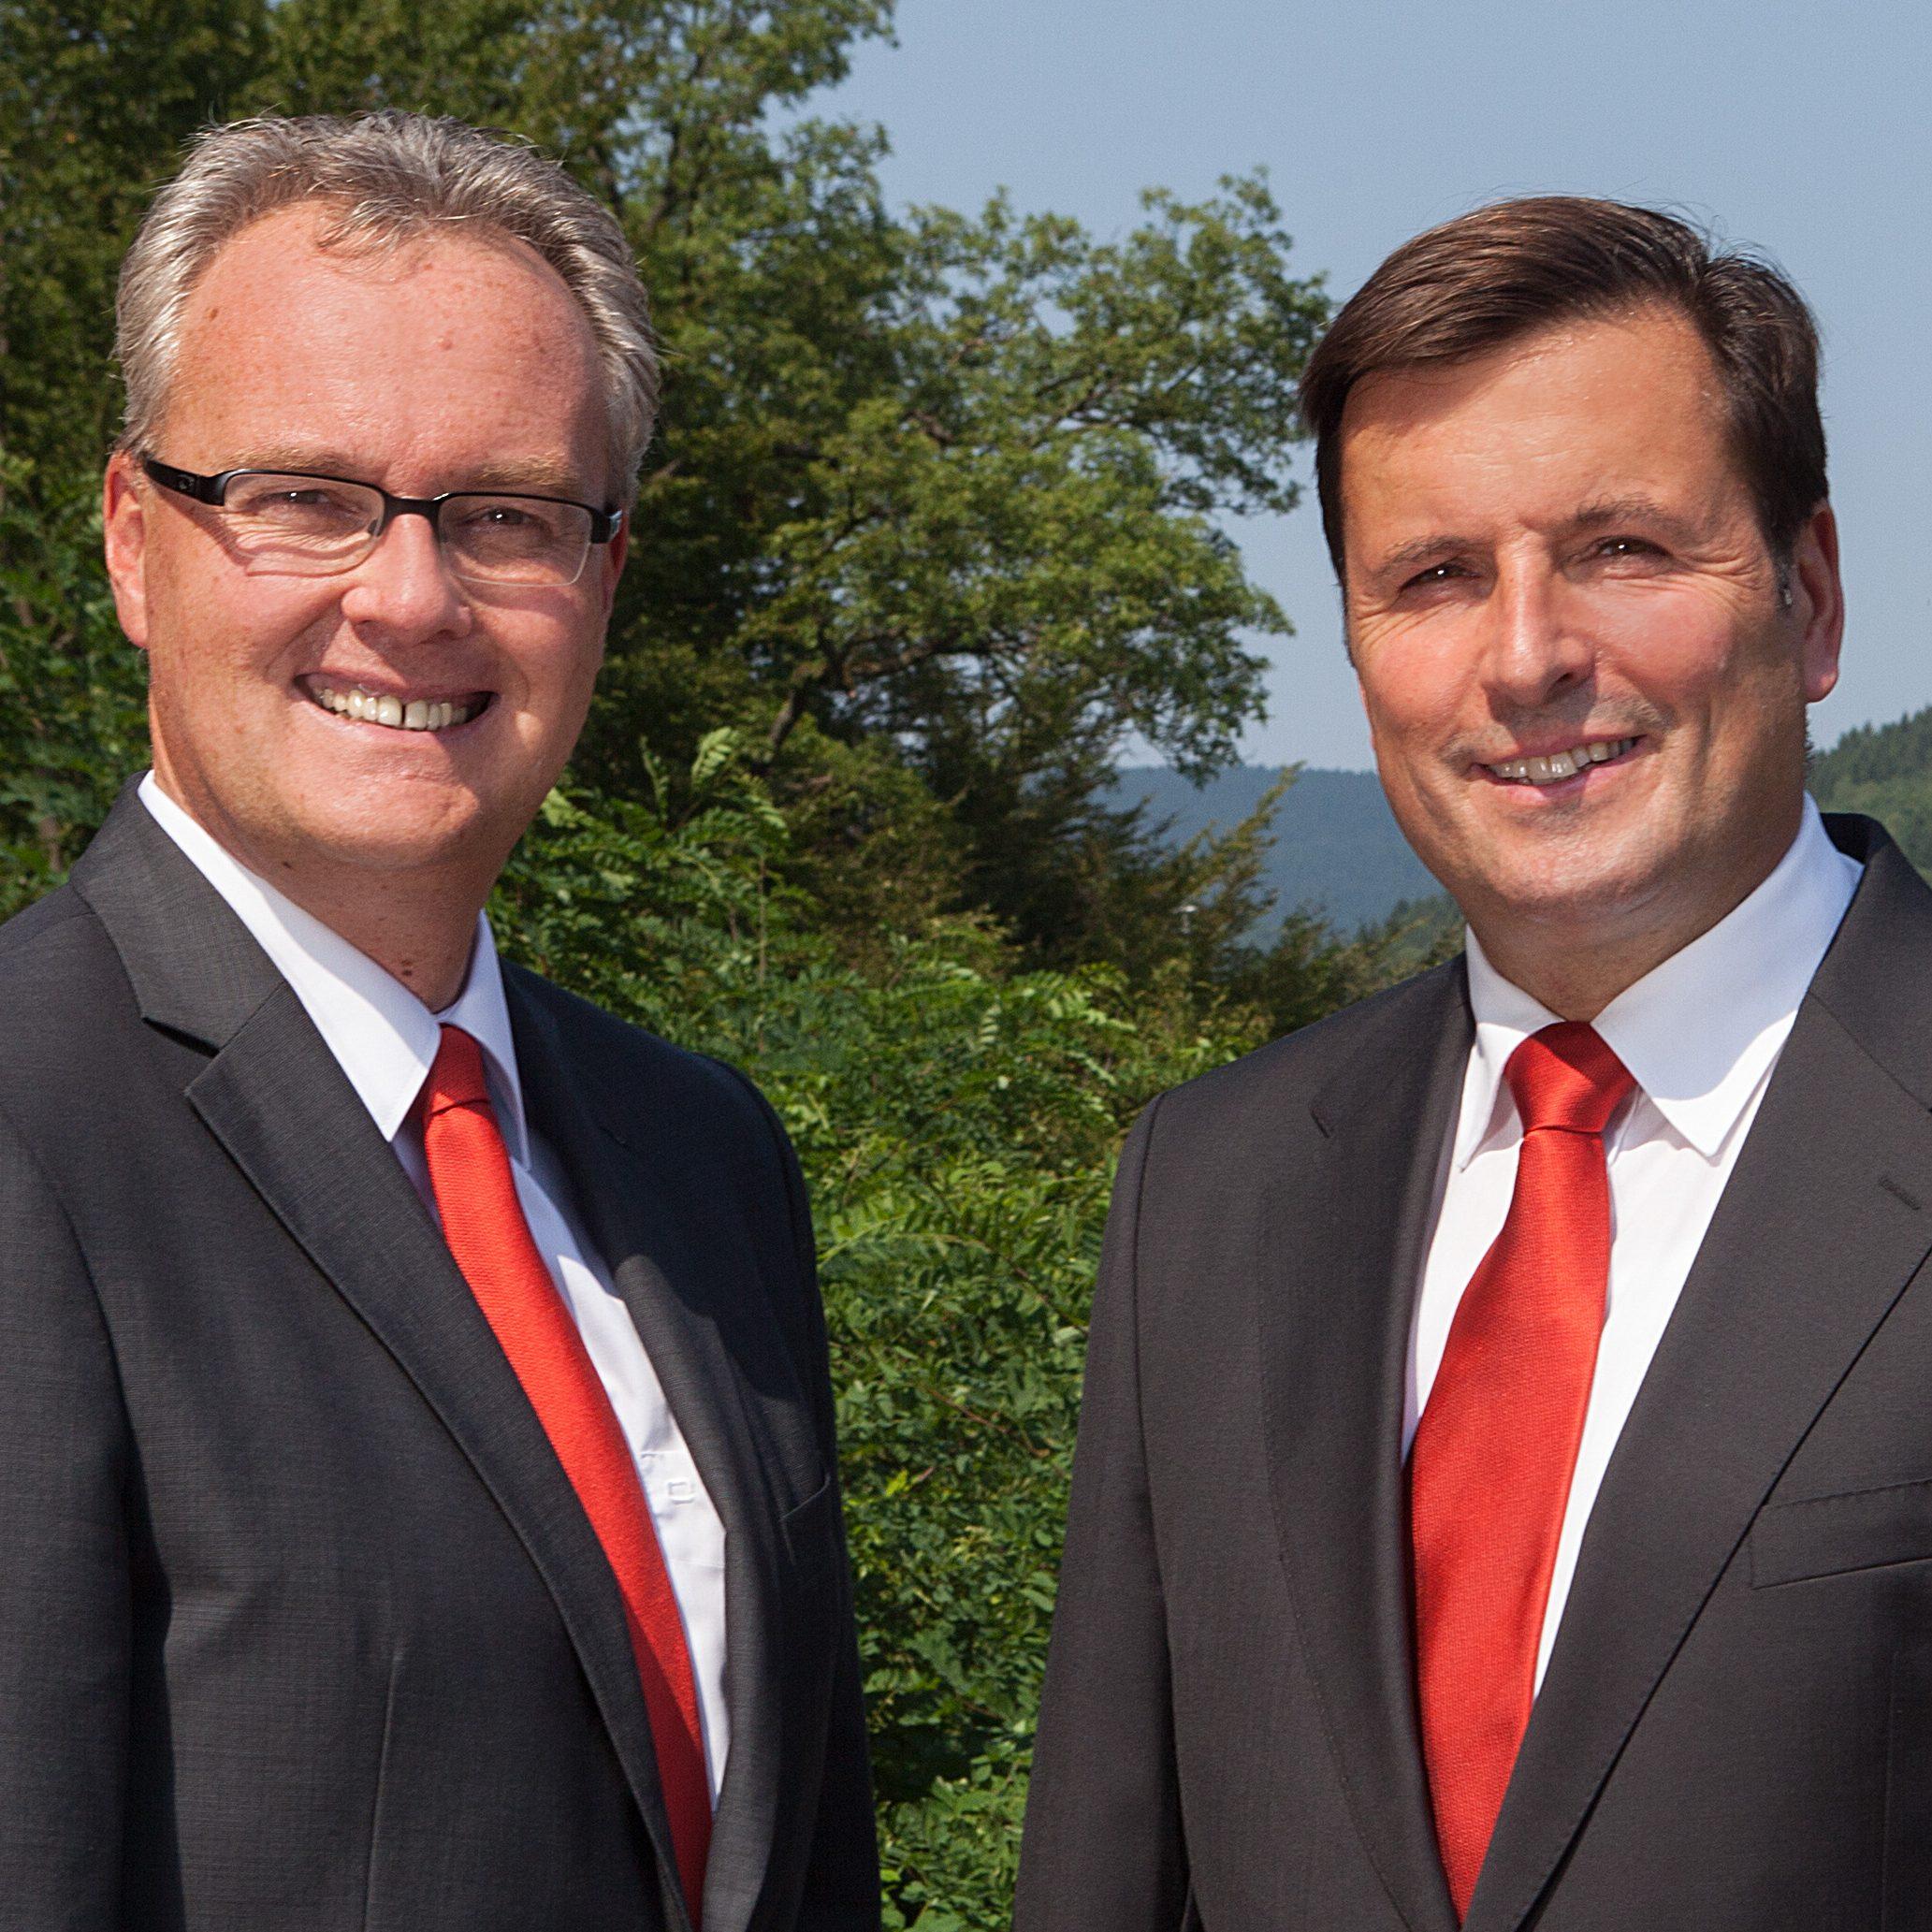 Kai Hagen (rechts), Vorstandsvorsitzender und Mike Kernig, Vorstandsmitglied der Vereinigte Sparkasse im Märkischen Kreis